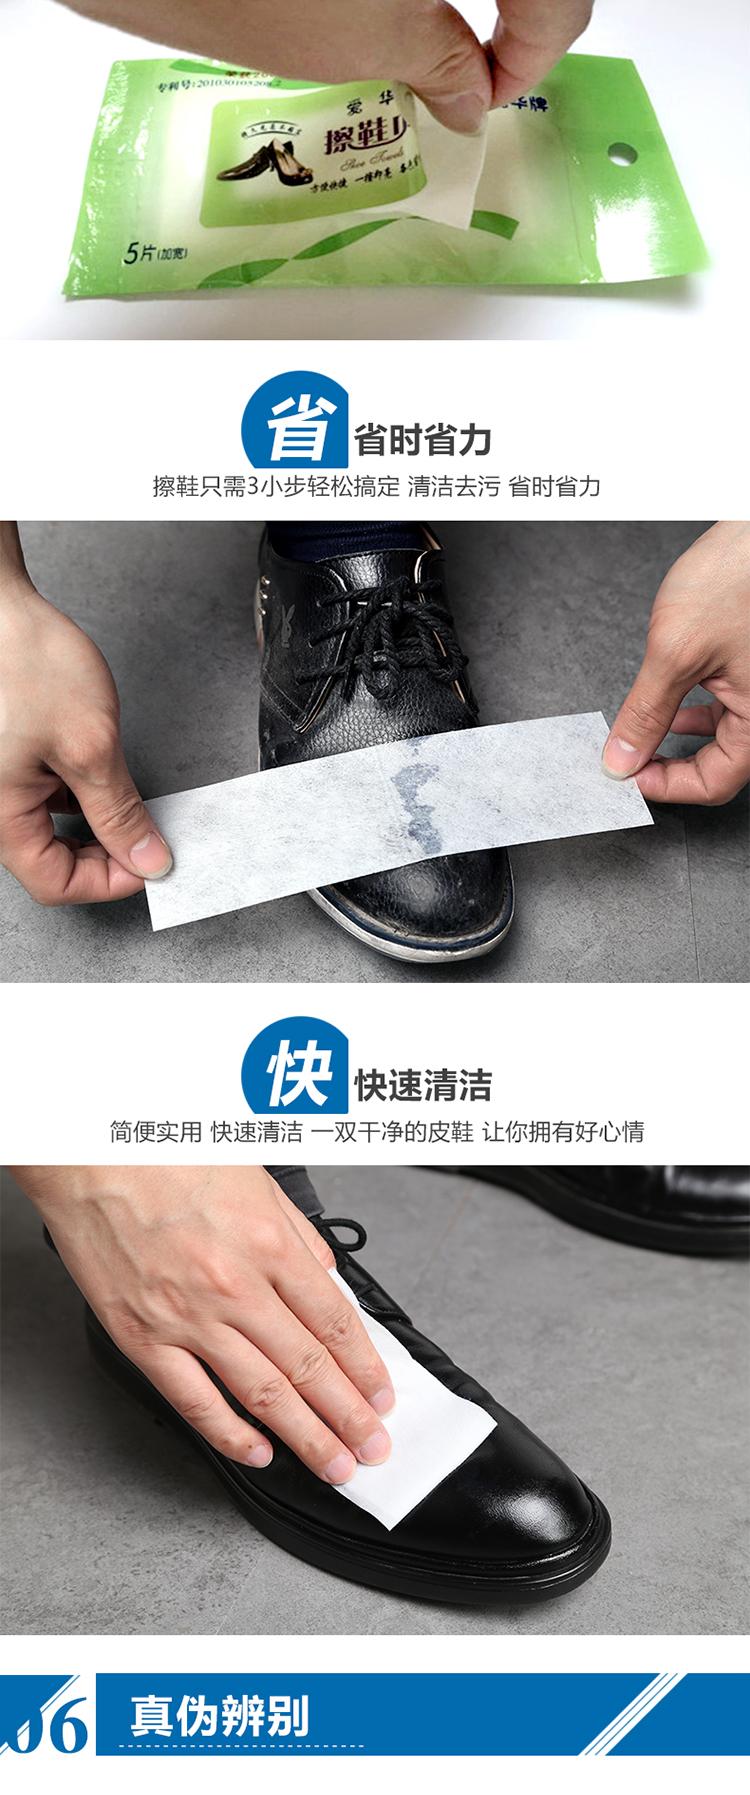 一次性筷子手工制作